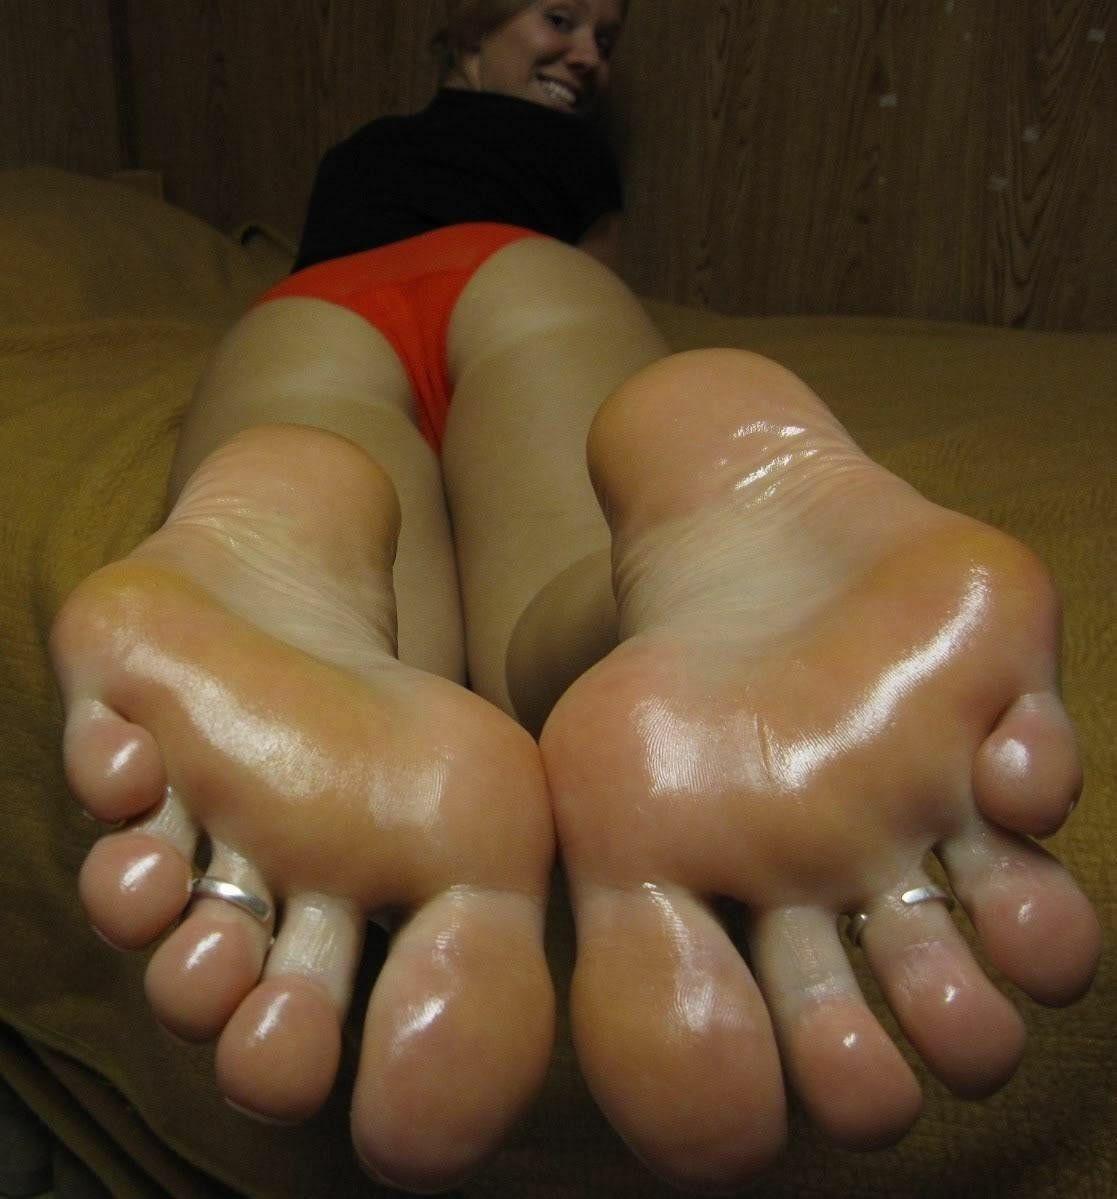 Pin von Cherek23 auf Soles and Toes | Füße, Frau